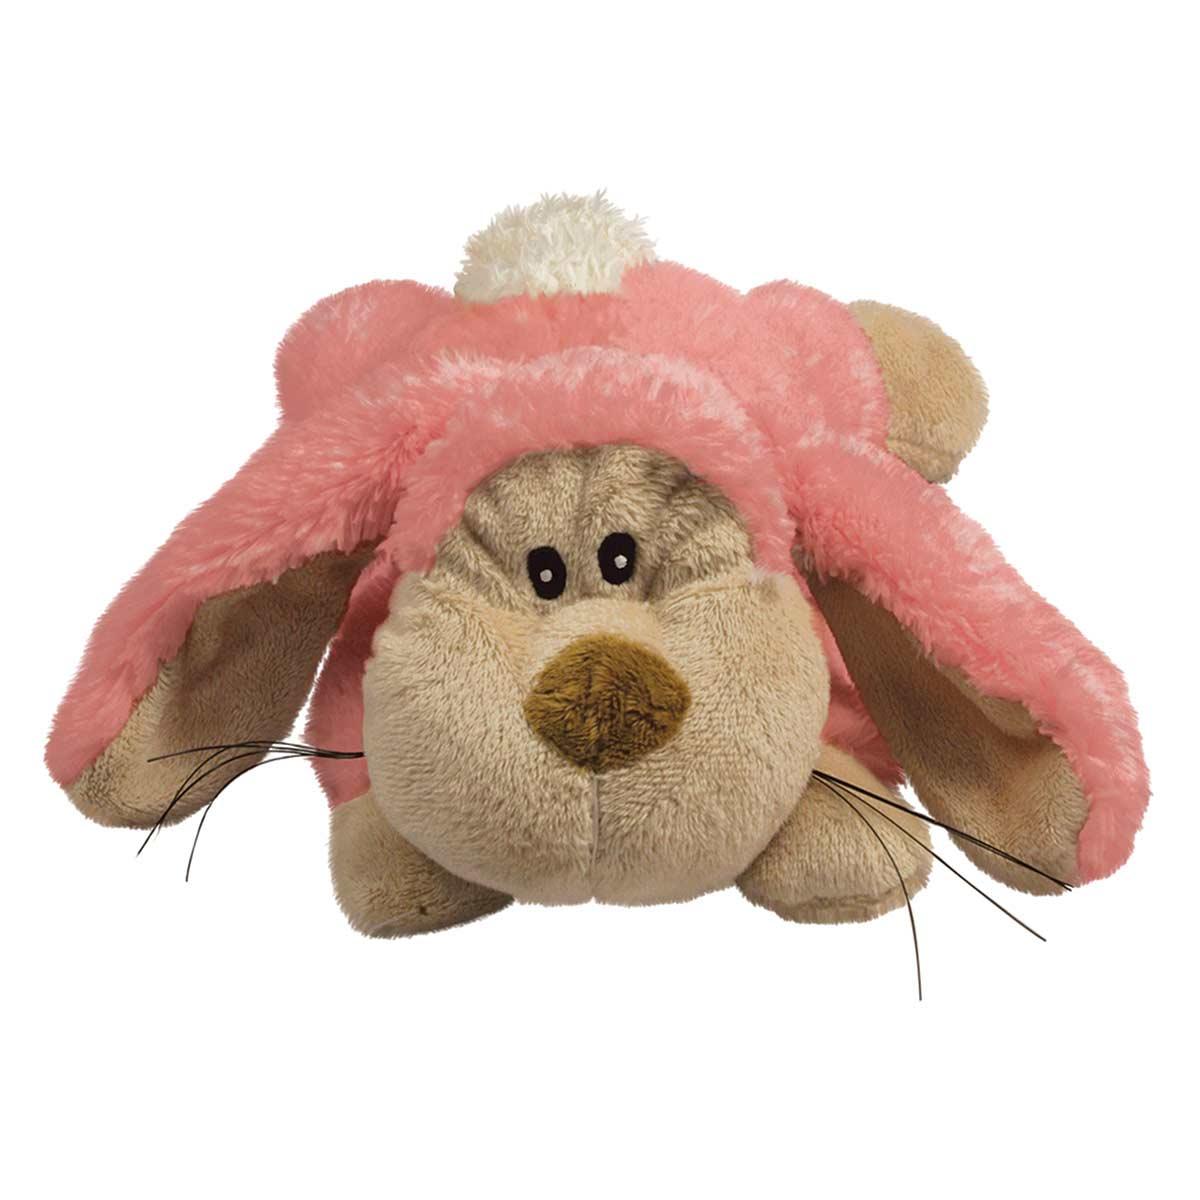 KONG Cozie Floppy Plush Bunny Dog Toy